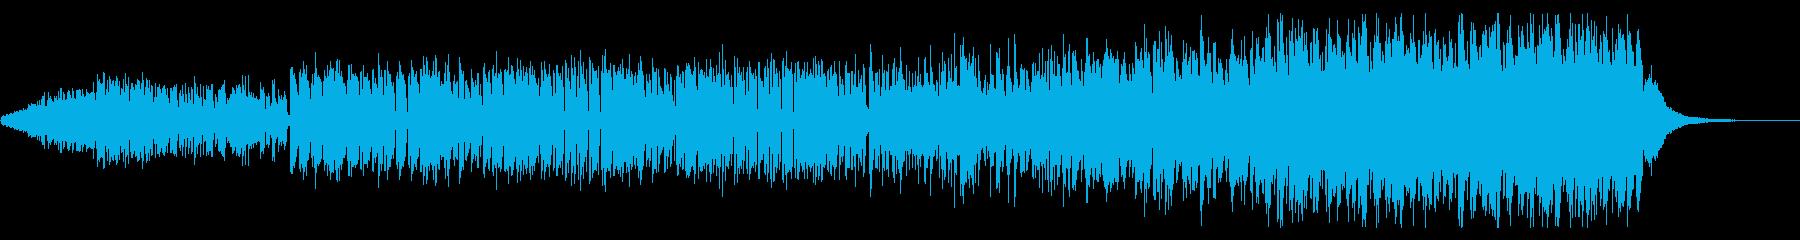 アラビアンな音色や和音のコミカル音楽の再生済みの波形